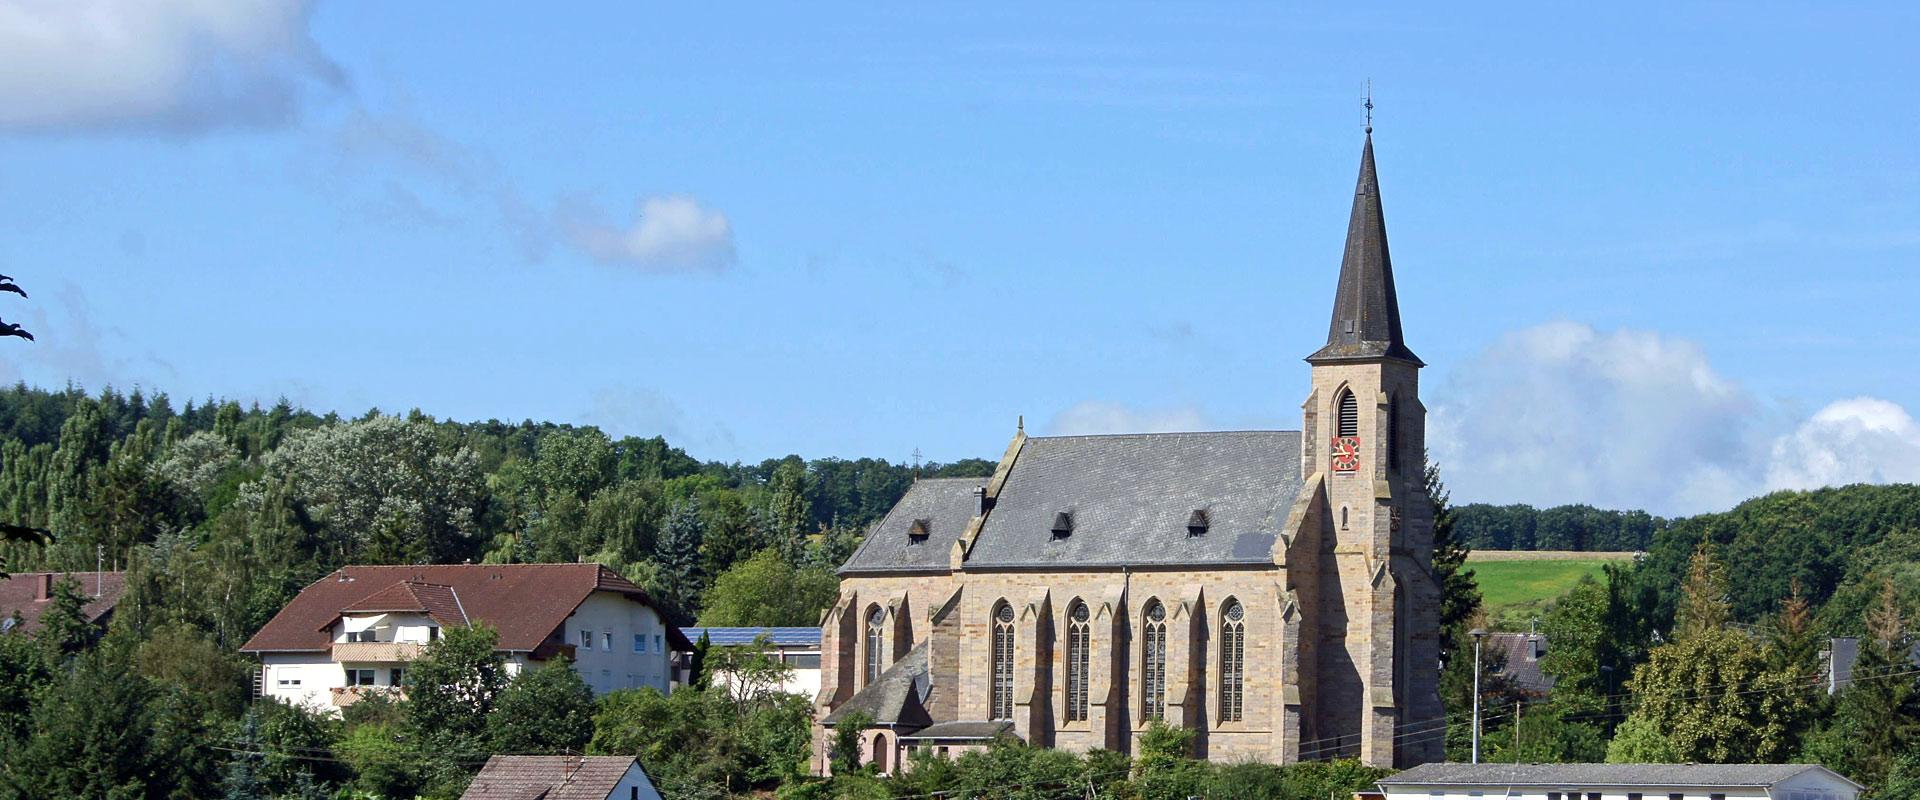 Mittelreidenbach